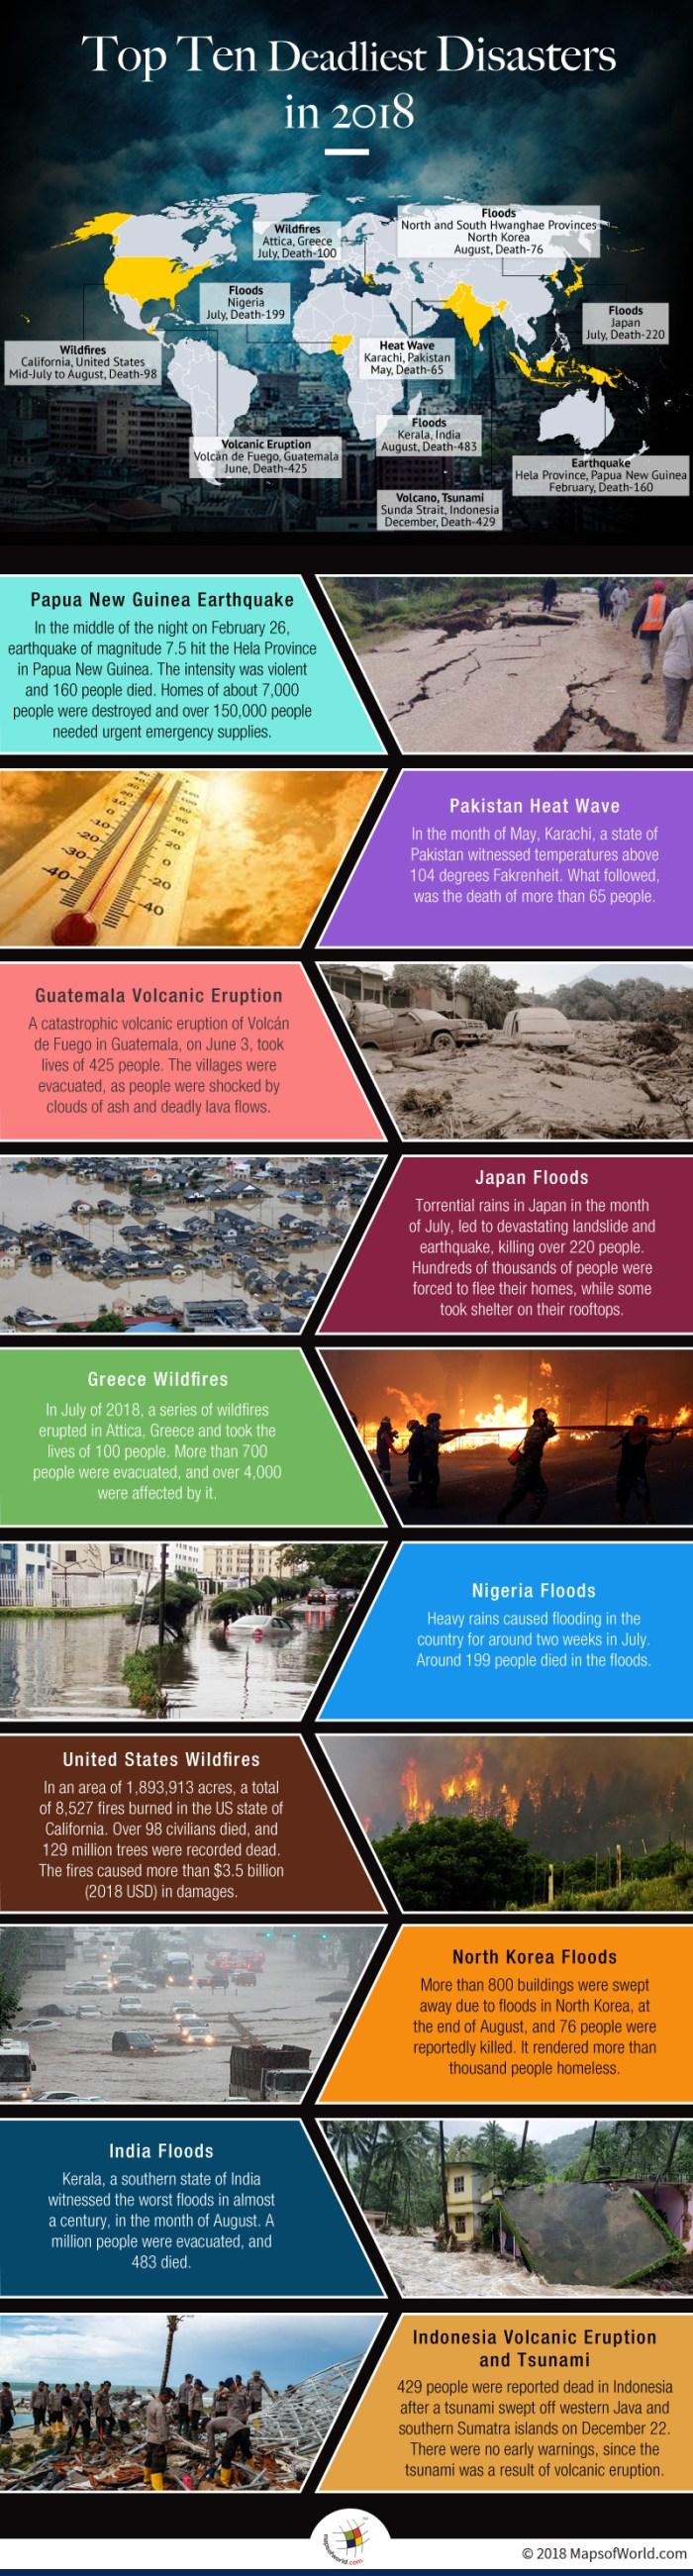 List of Top Ten Deadliest Disasters in 2018